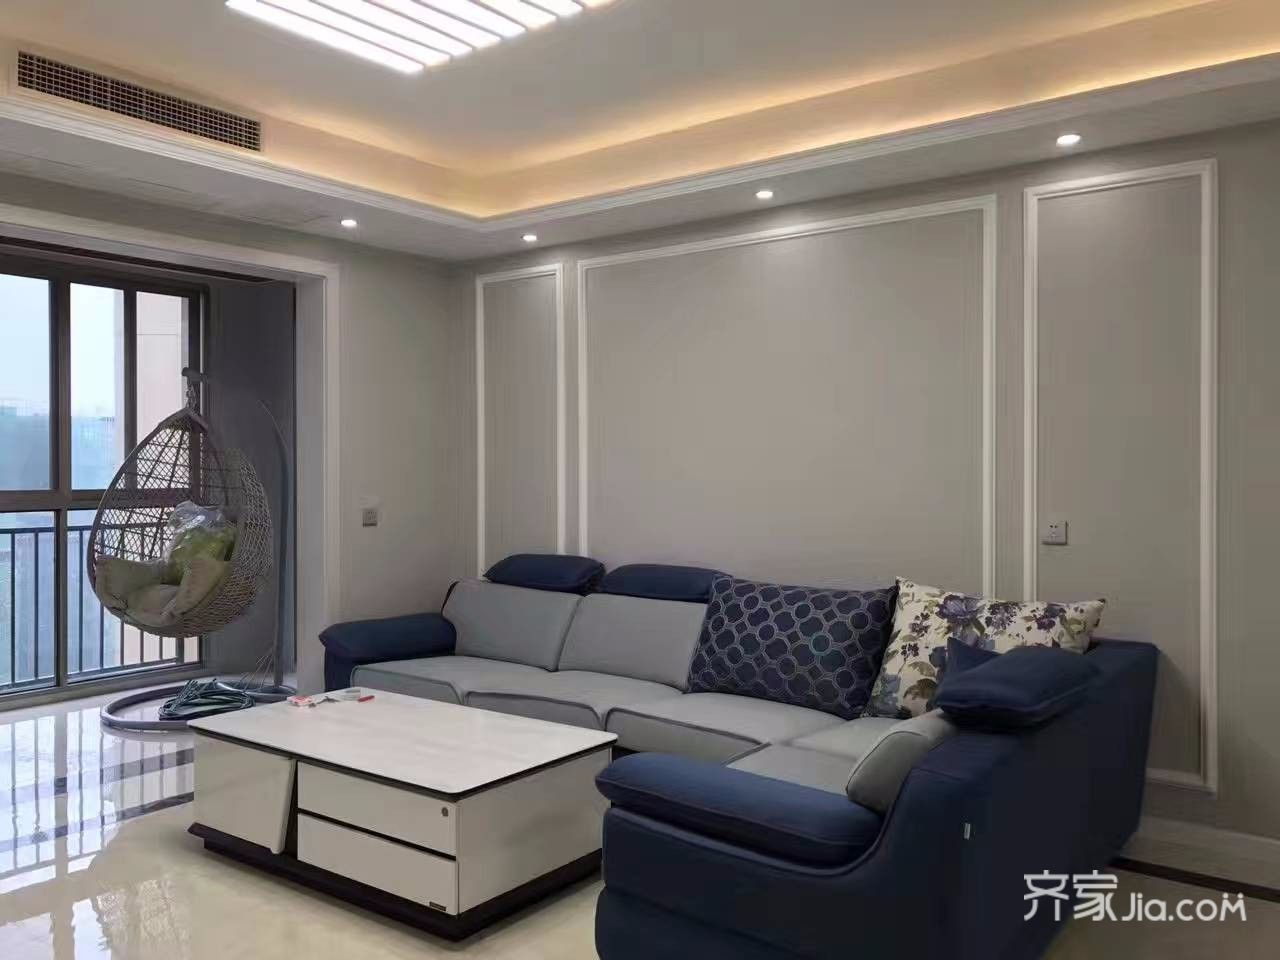 150平米极简主义装修沙发背景墙